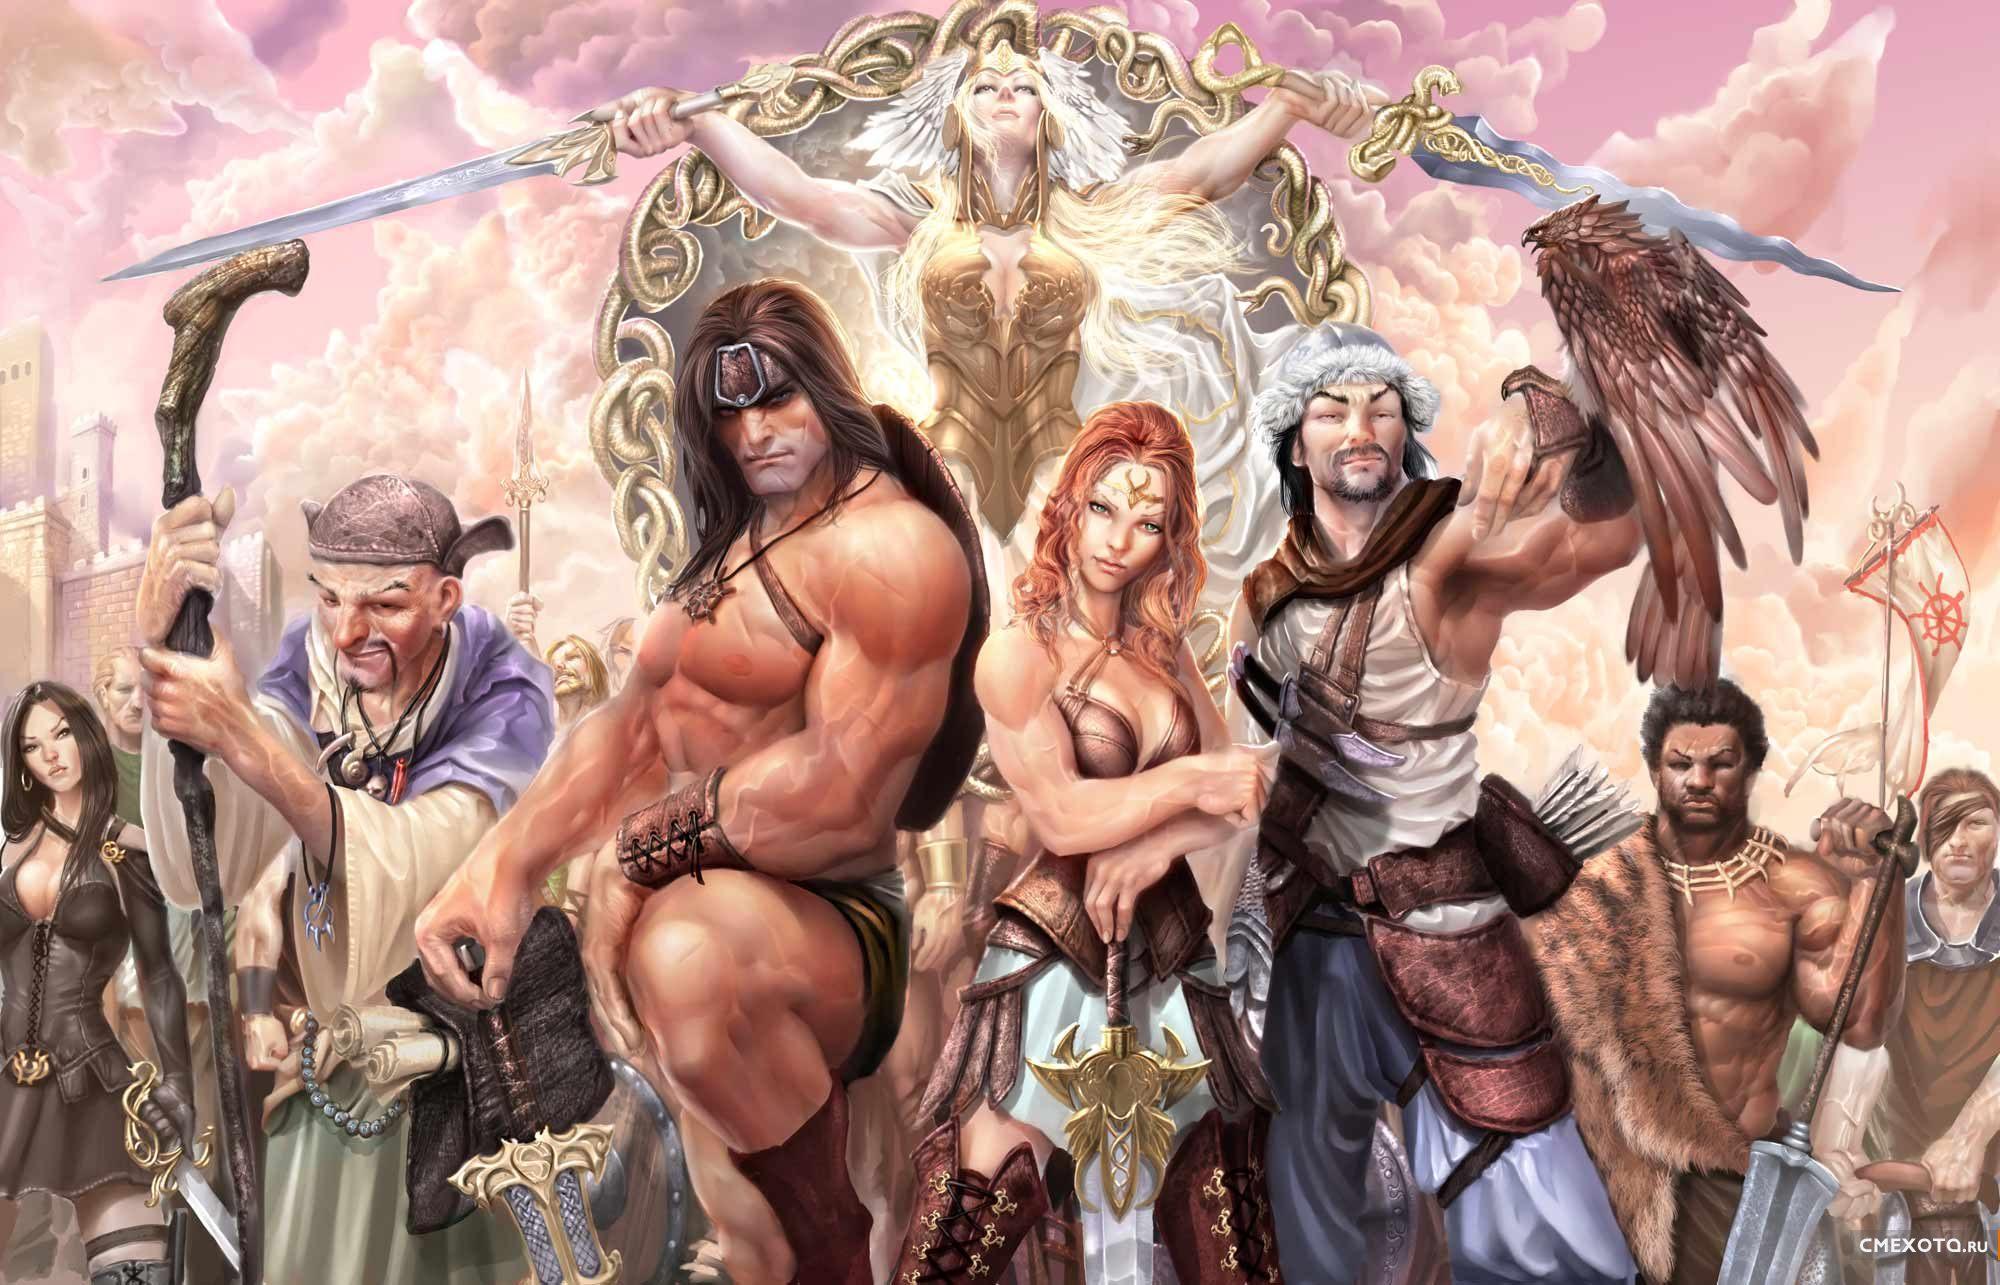 Fantasy nude dwarfs naked pics